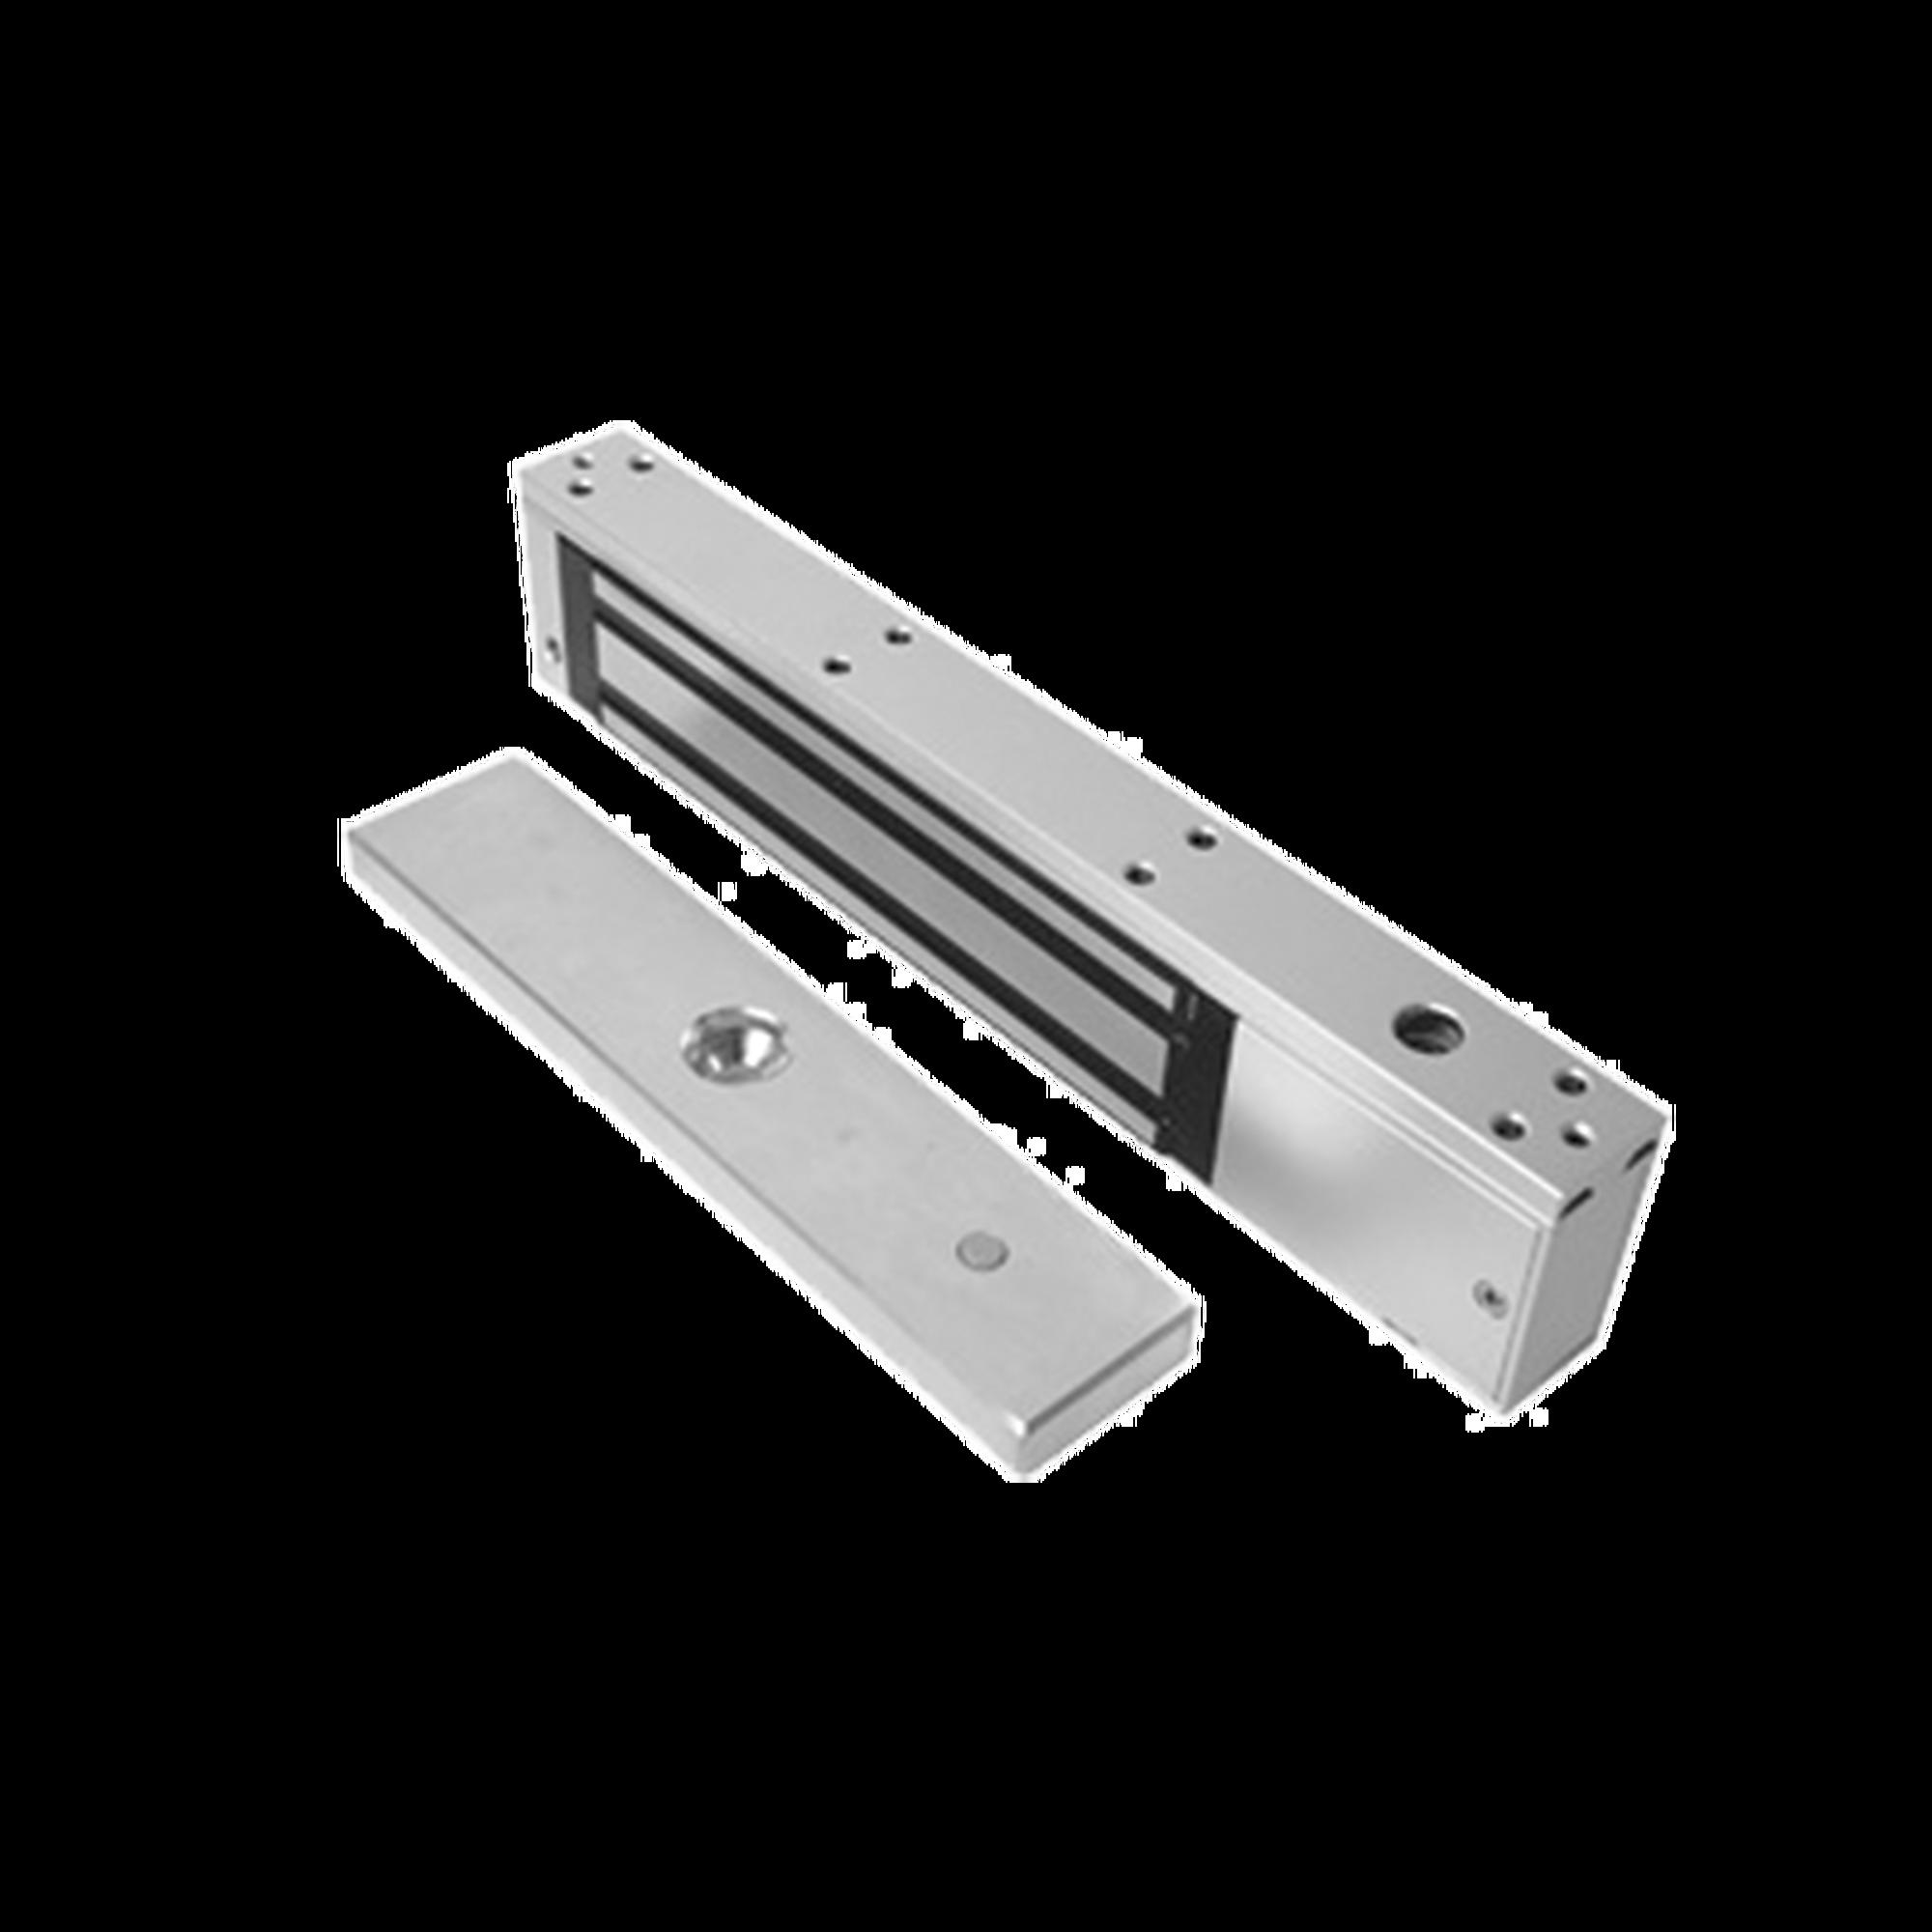 Chapa Magnética 600 lbs con LED y Sensor de Bloqueo de Placa